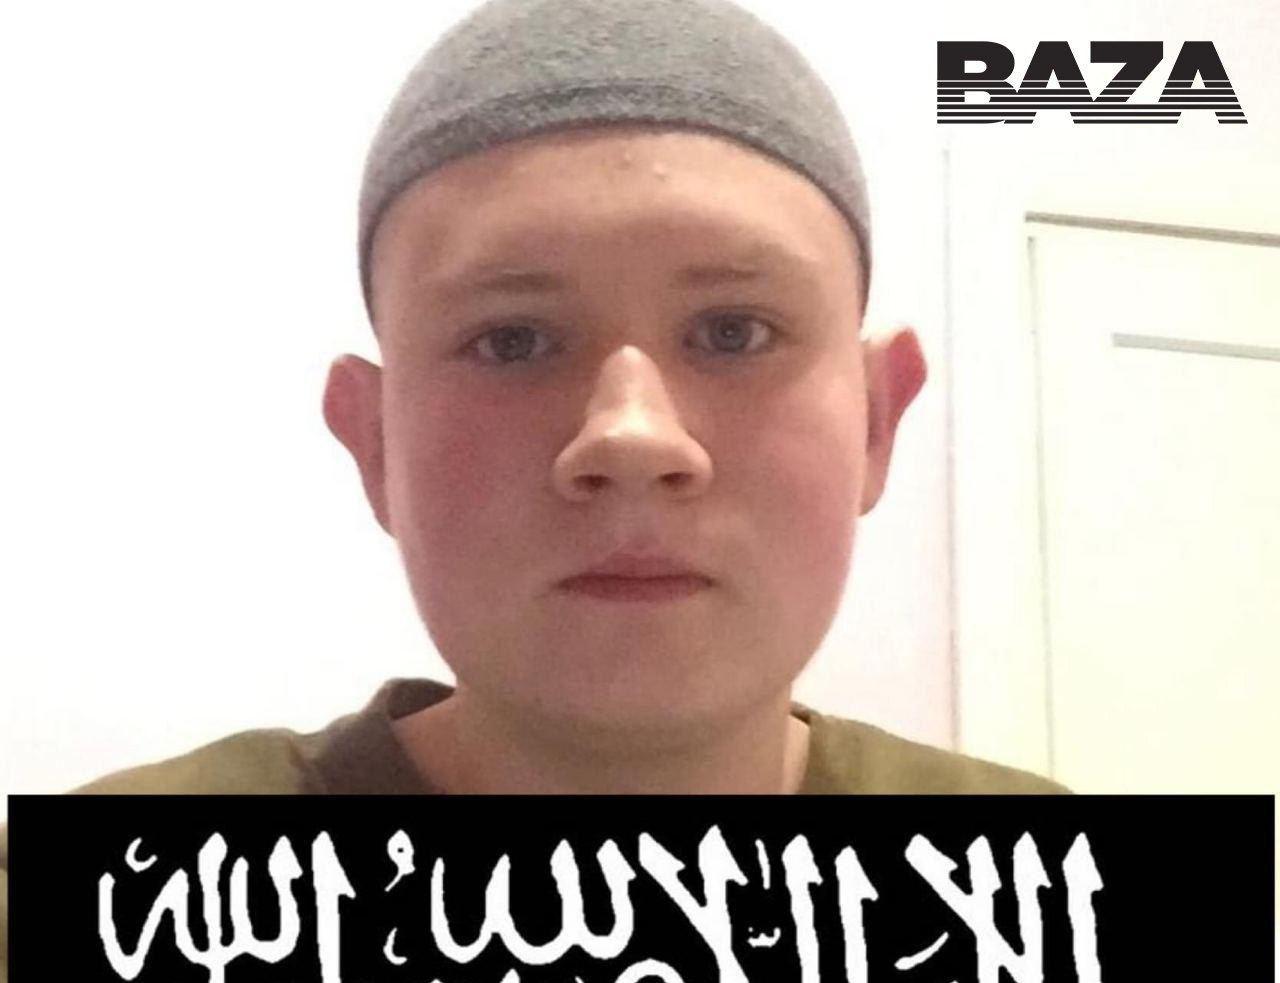 В России школьник с ножом попытался повторить теракт в Ницце - фото 2